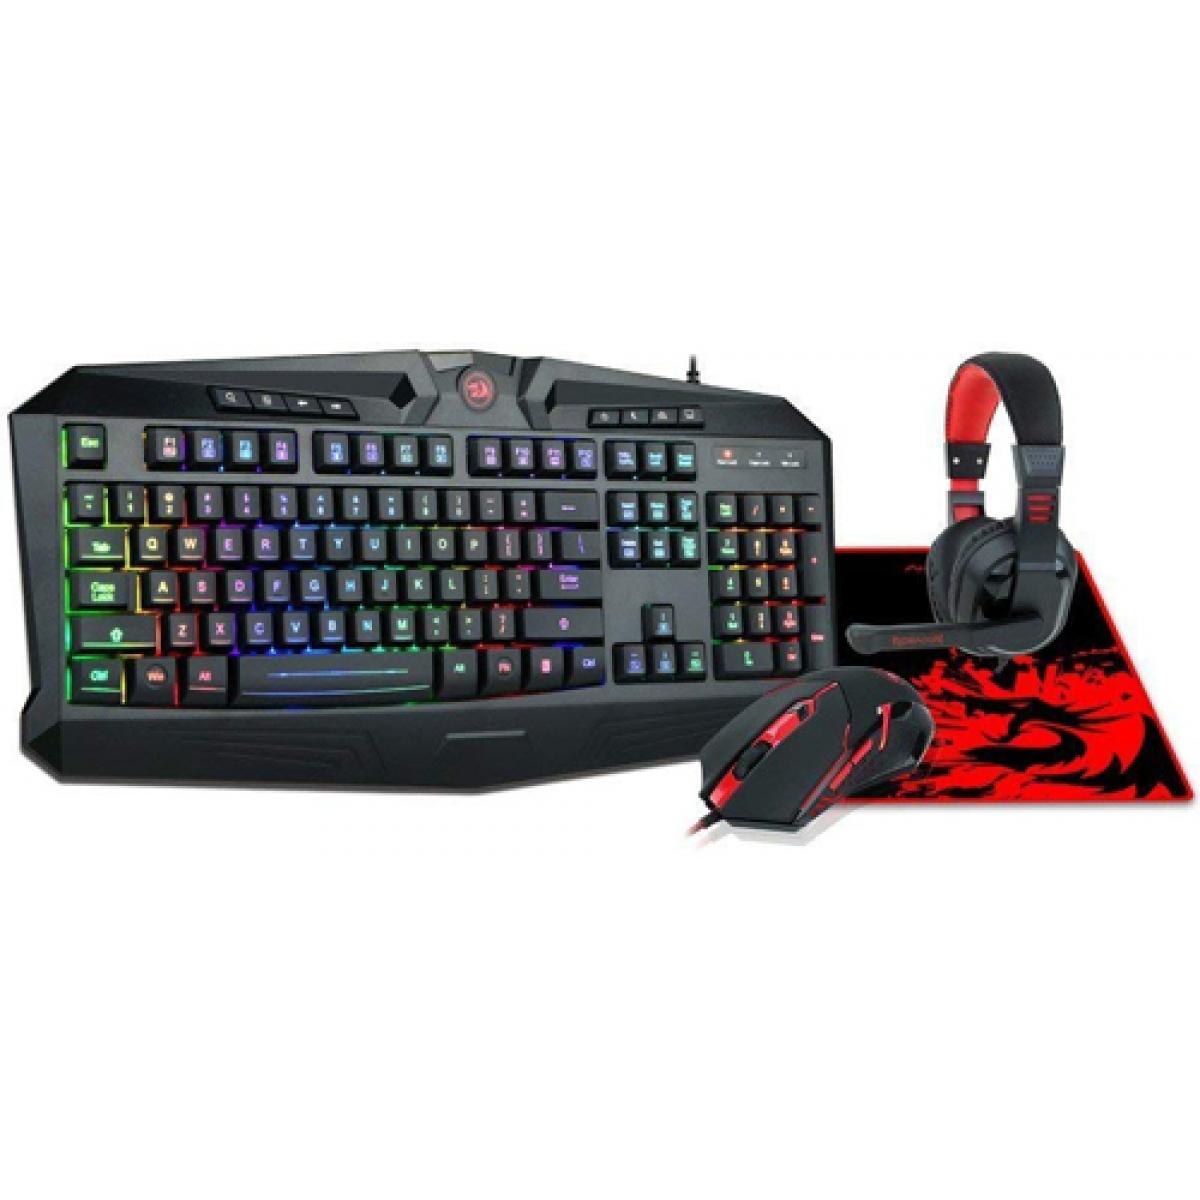 Combo Gamer Redragon Vajra, Teclado Harpe, Mouse Centrophorus, Headset Garuda, Mousepad P001, S101-BA